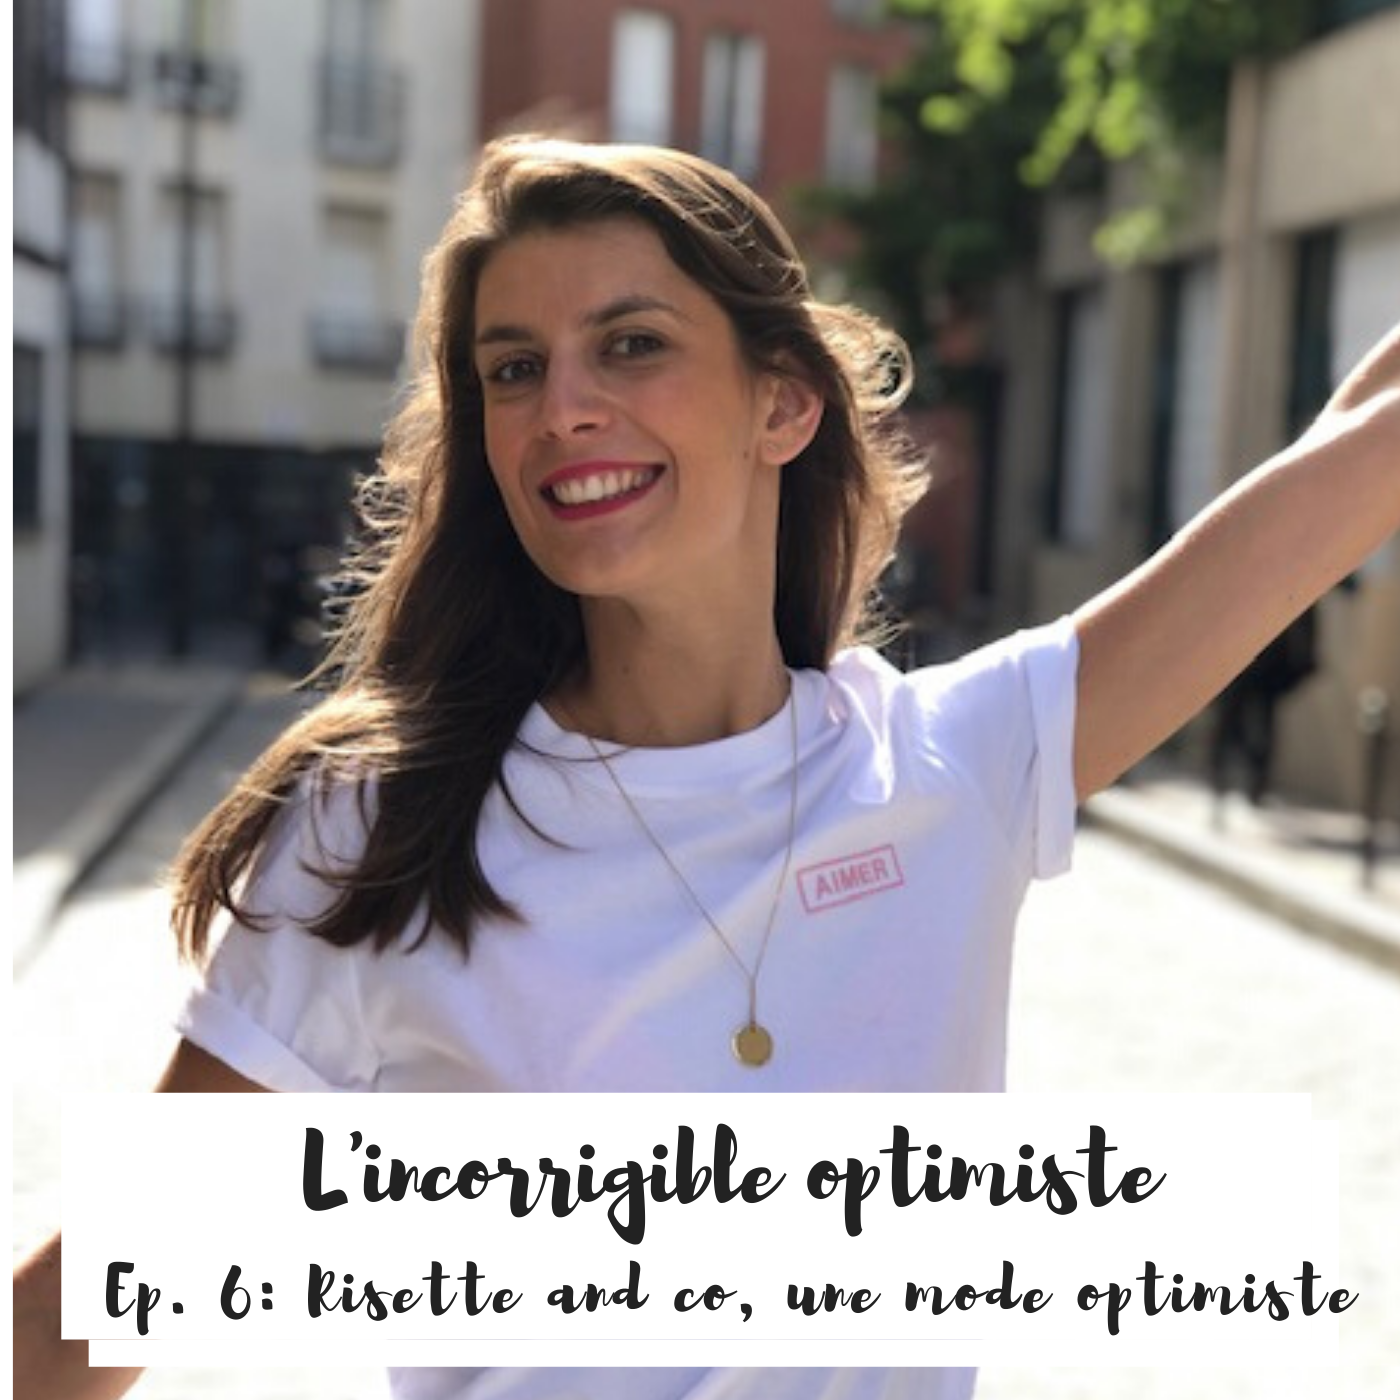 Parole d'optimiste : Chloé de Risette and co